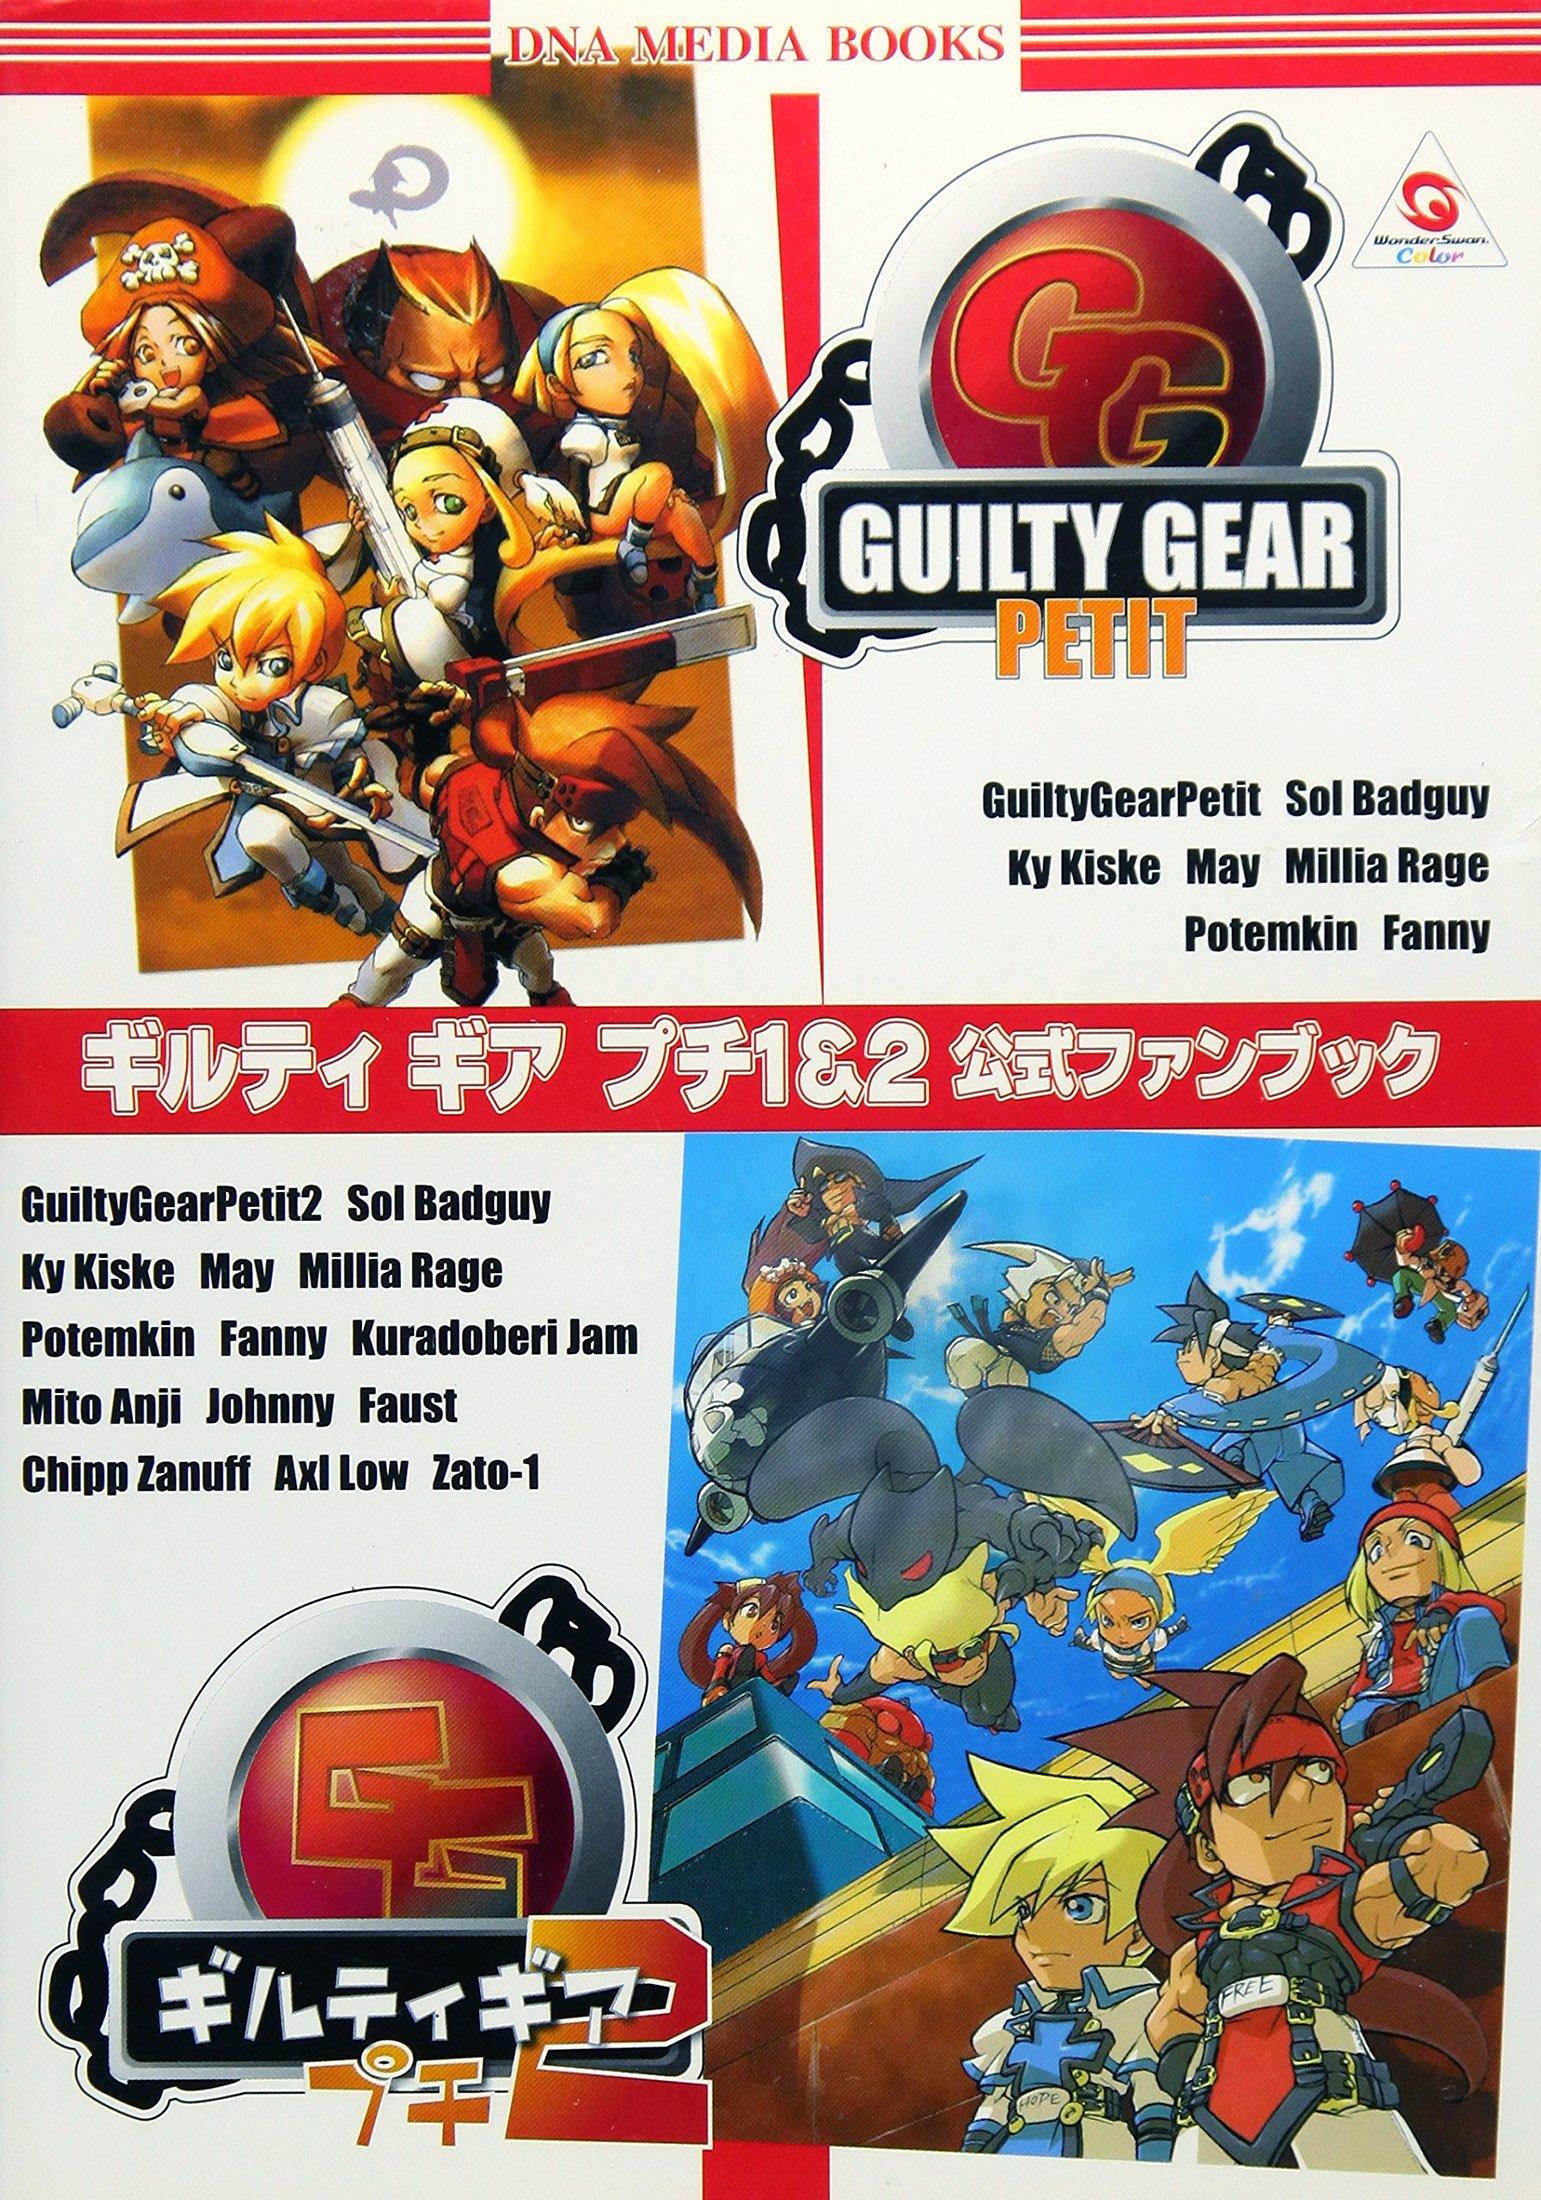 Guilty Gear Petit 1&2 Official Fanbook